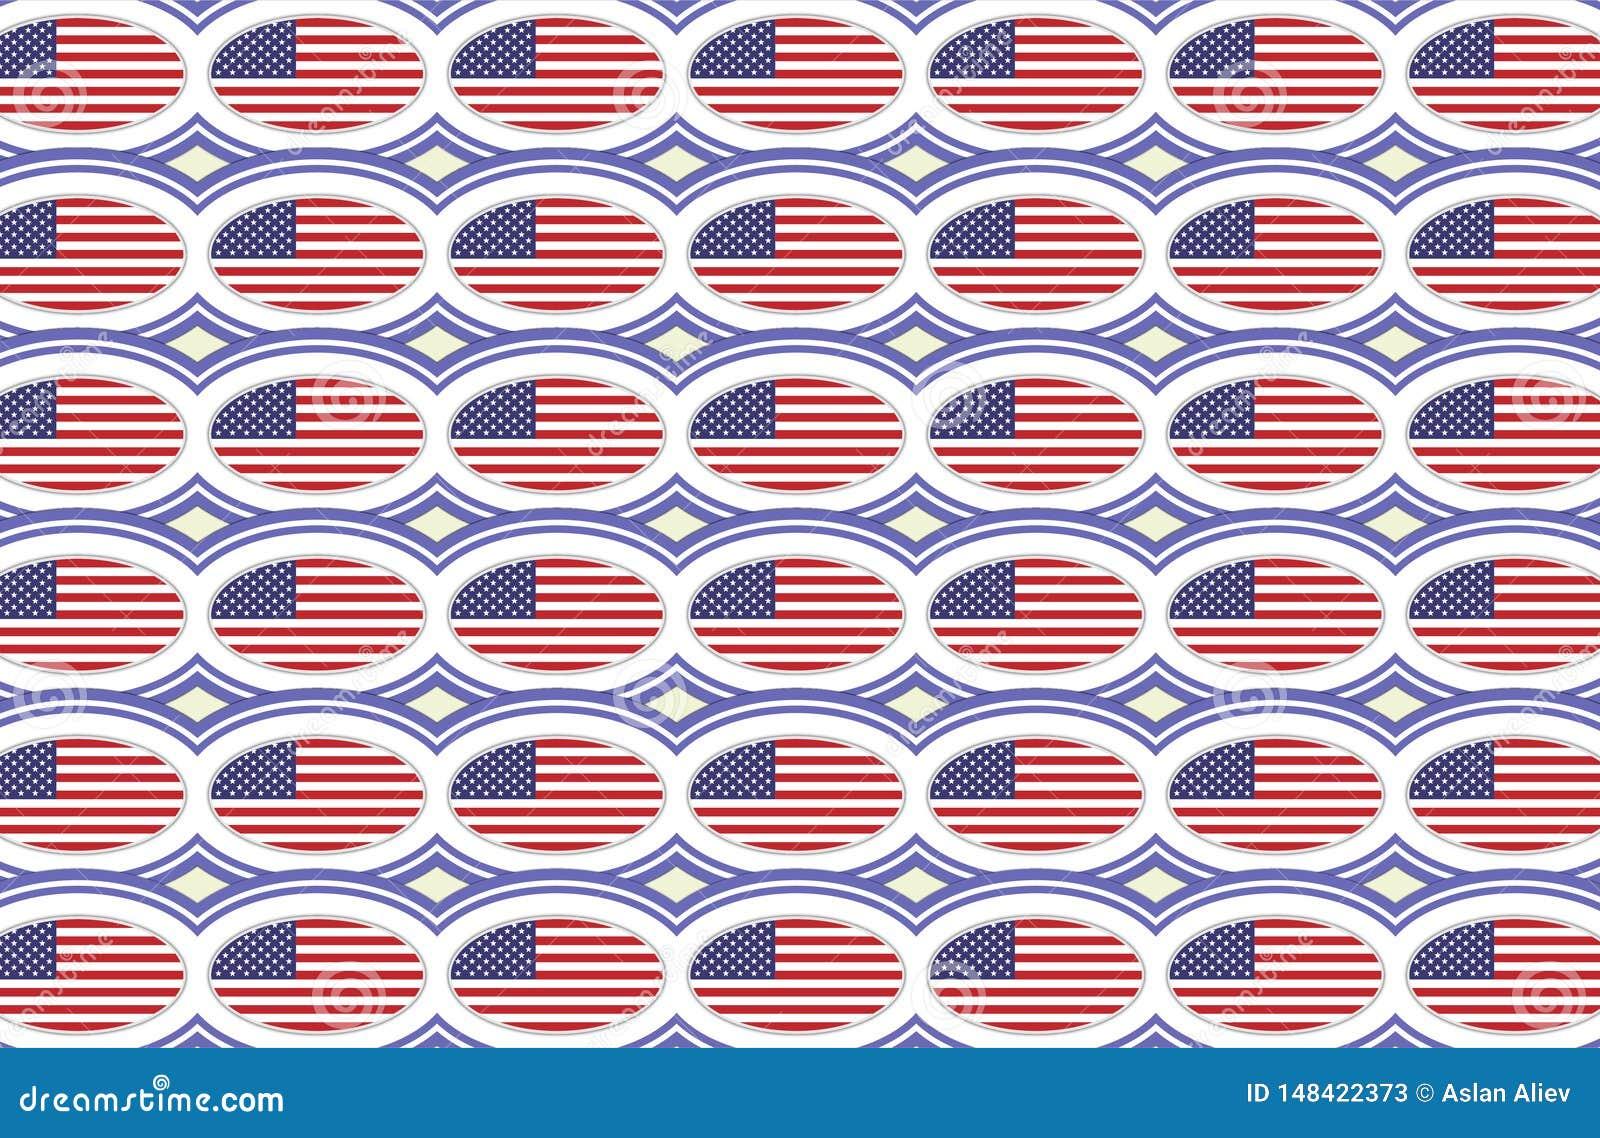 Σχέδιο αμερικανικών σημαιών